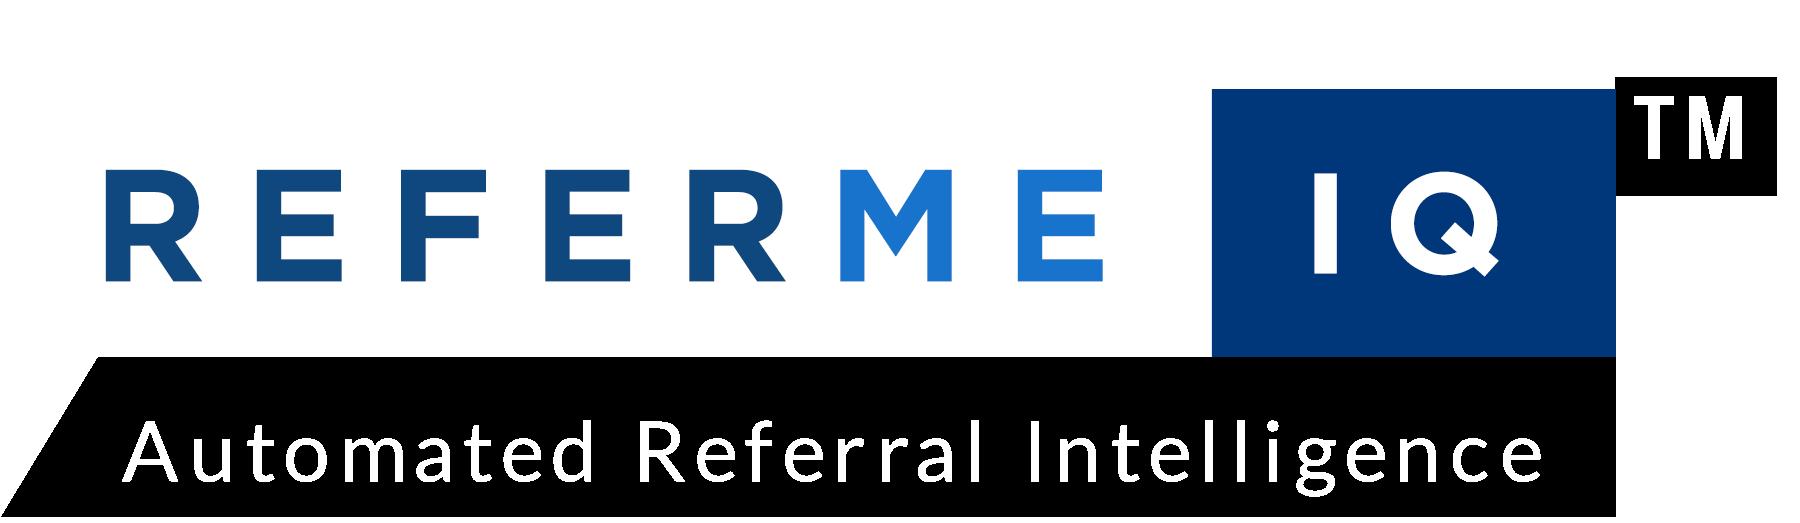 referme-logo-TM-WHITE.fw_-1-2